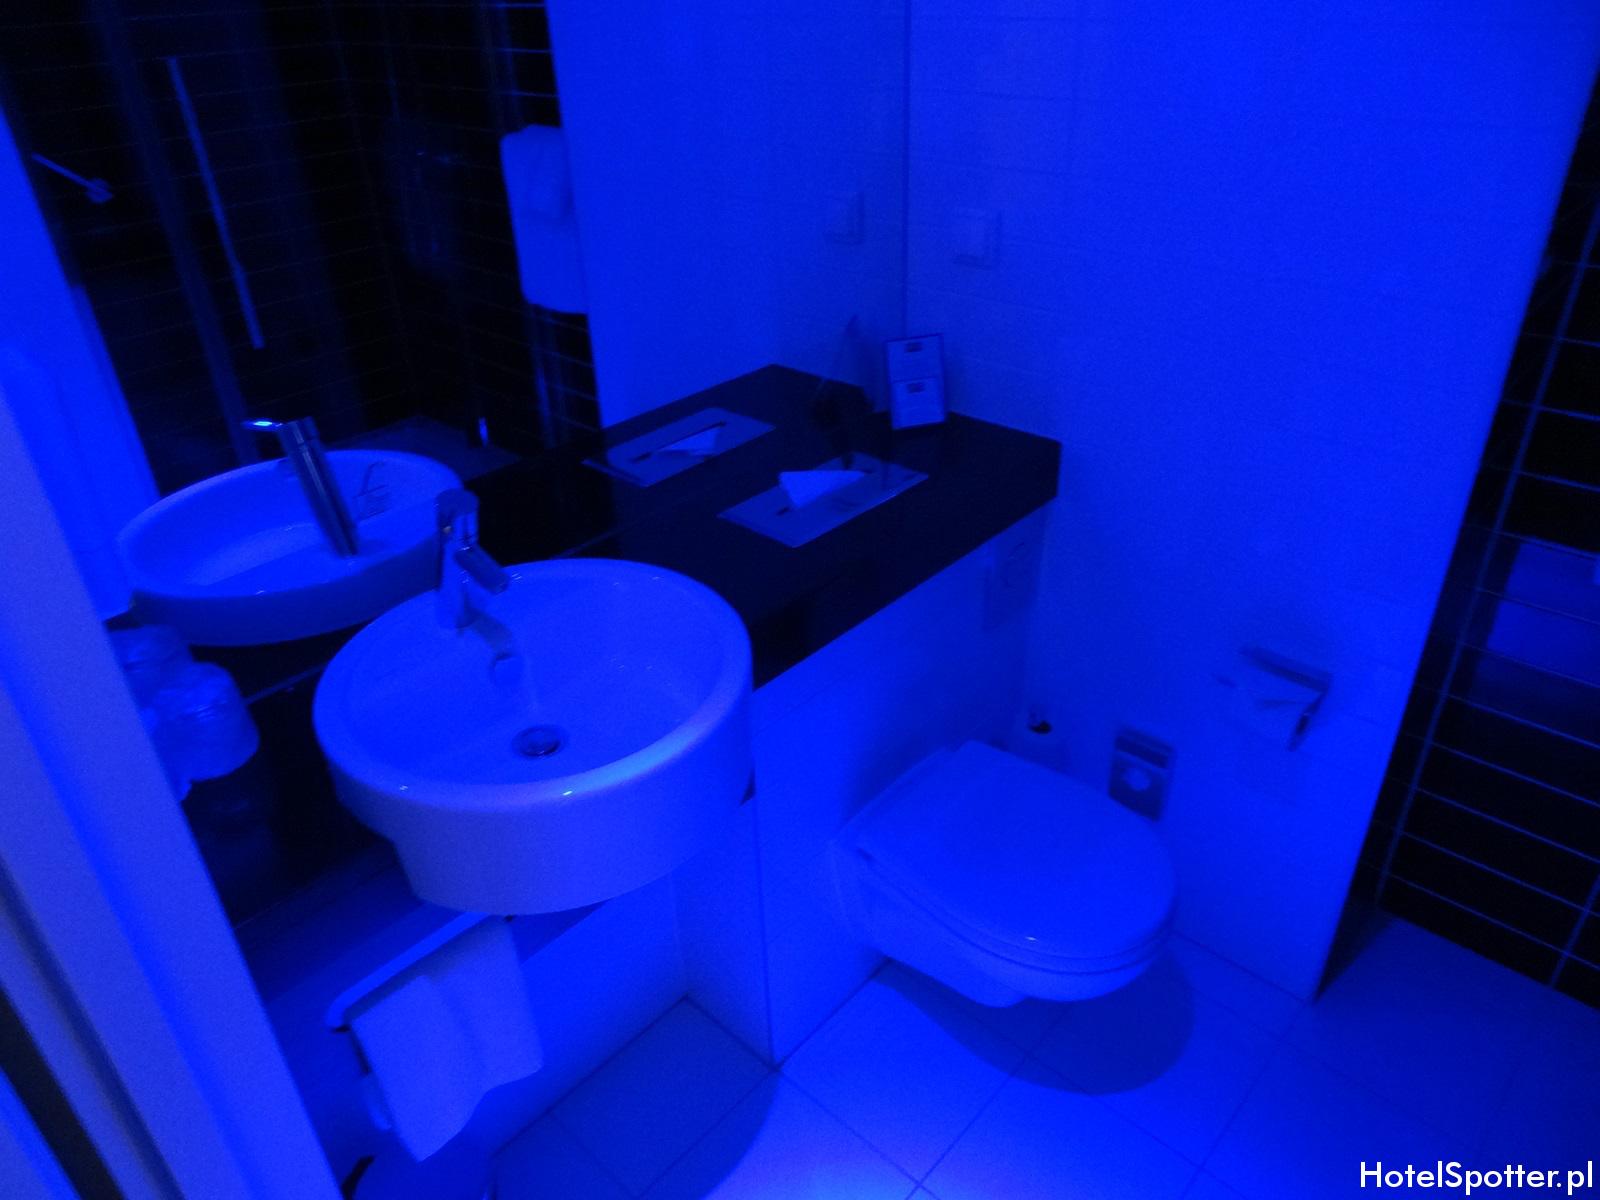 Holiday Inn Express Warsaw Airport łazienka na niebiesko